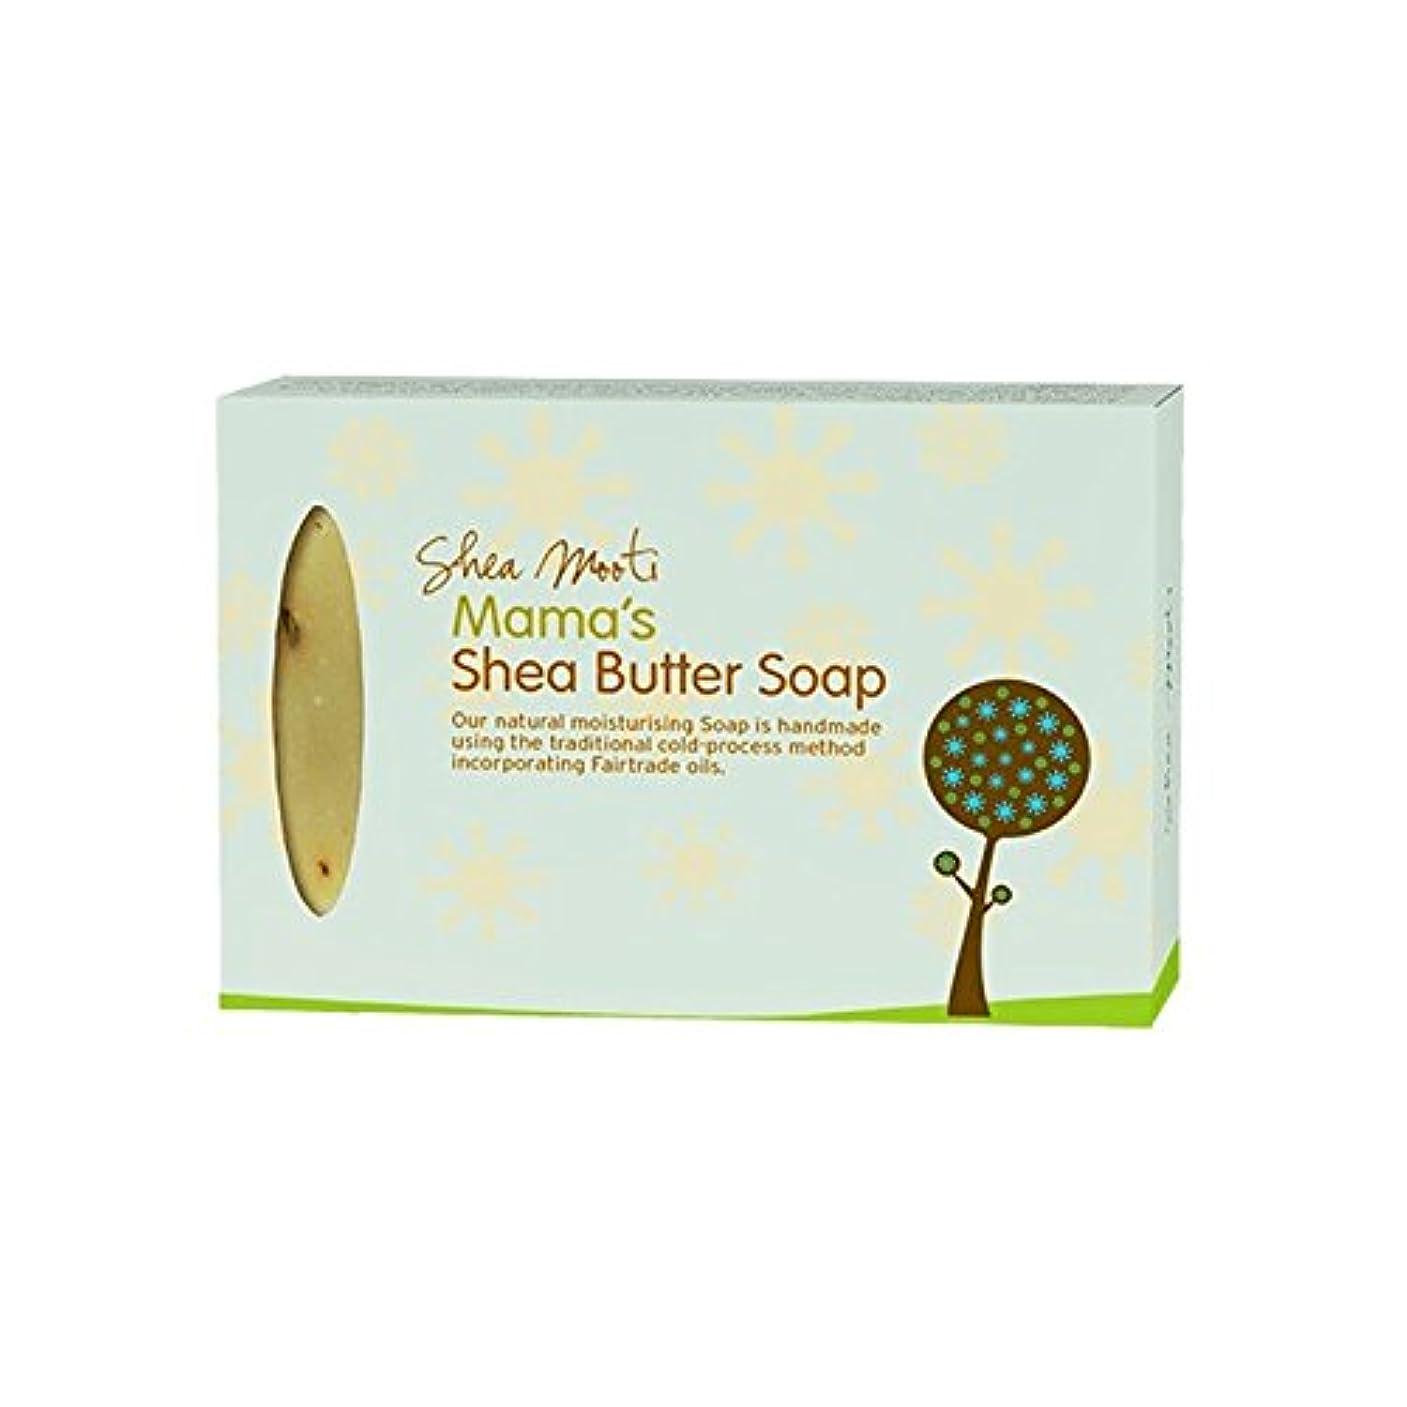 限りプラカード方法論シアバターMootiママのシアバターソープ100グラム - Shea Mooti Mama's Shea Butter Soap 100g (Shea Mooti) [並行輸入品]